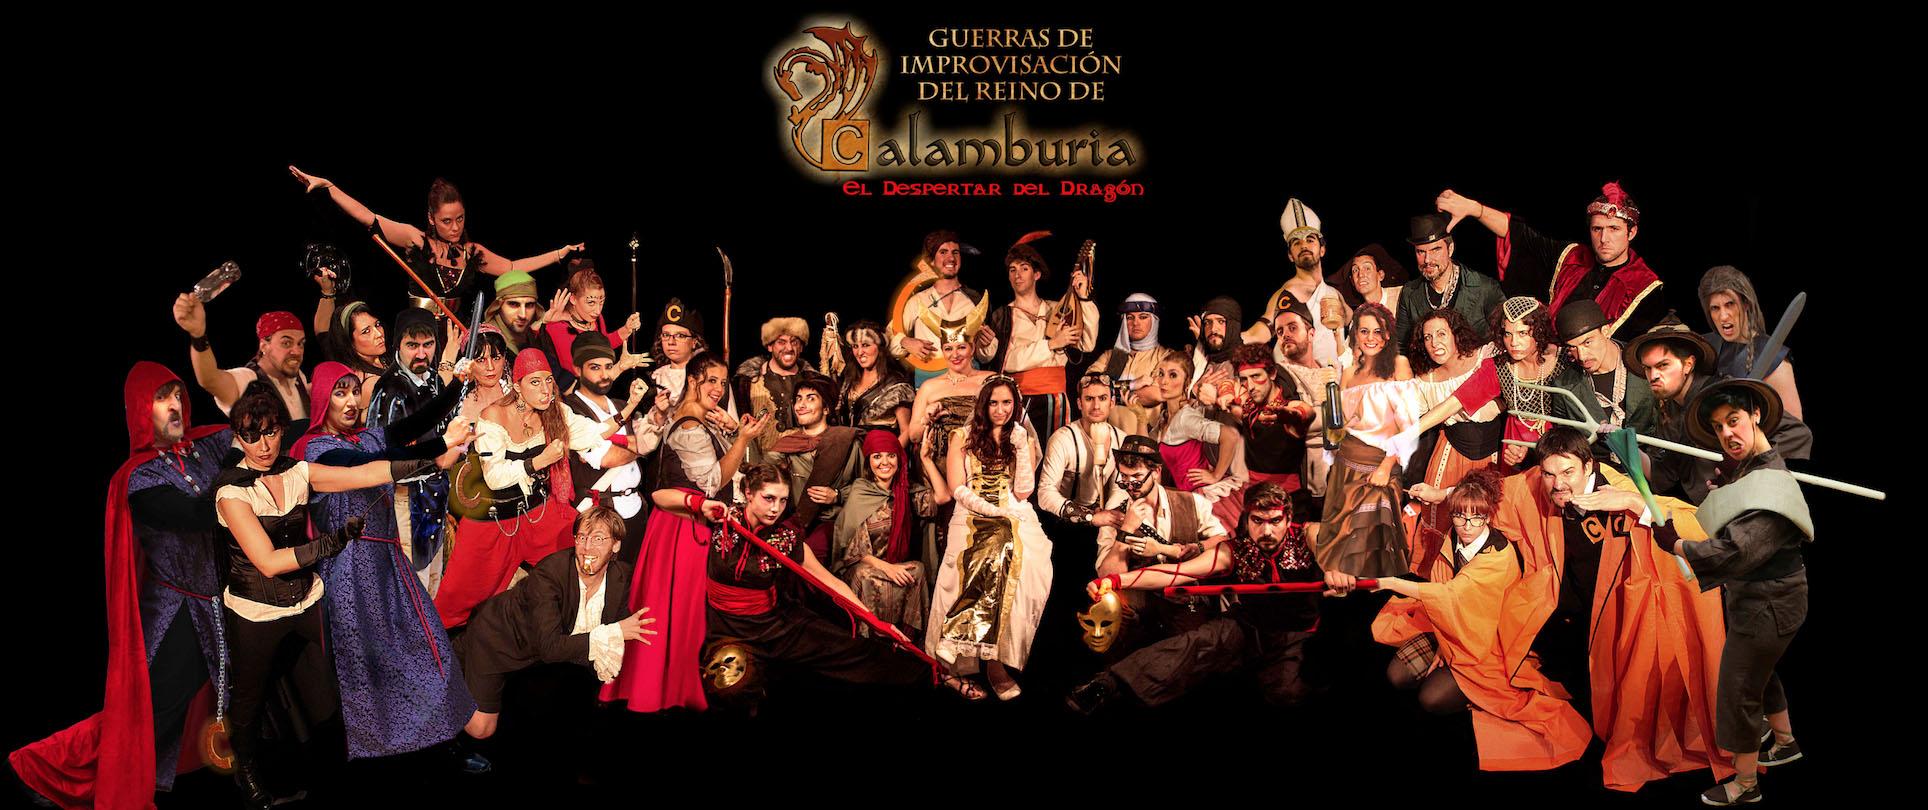 Grupo Calamburia Temporada I y II - Calambur teatro